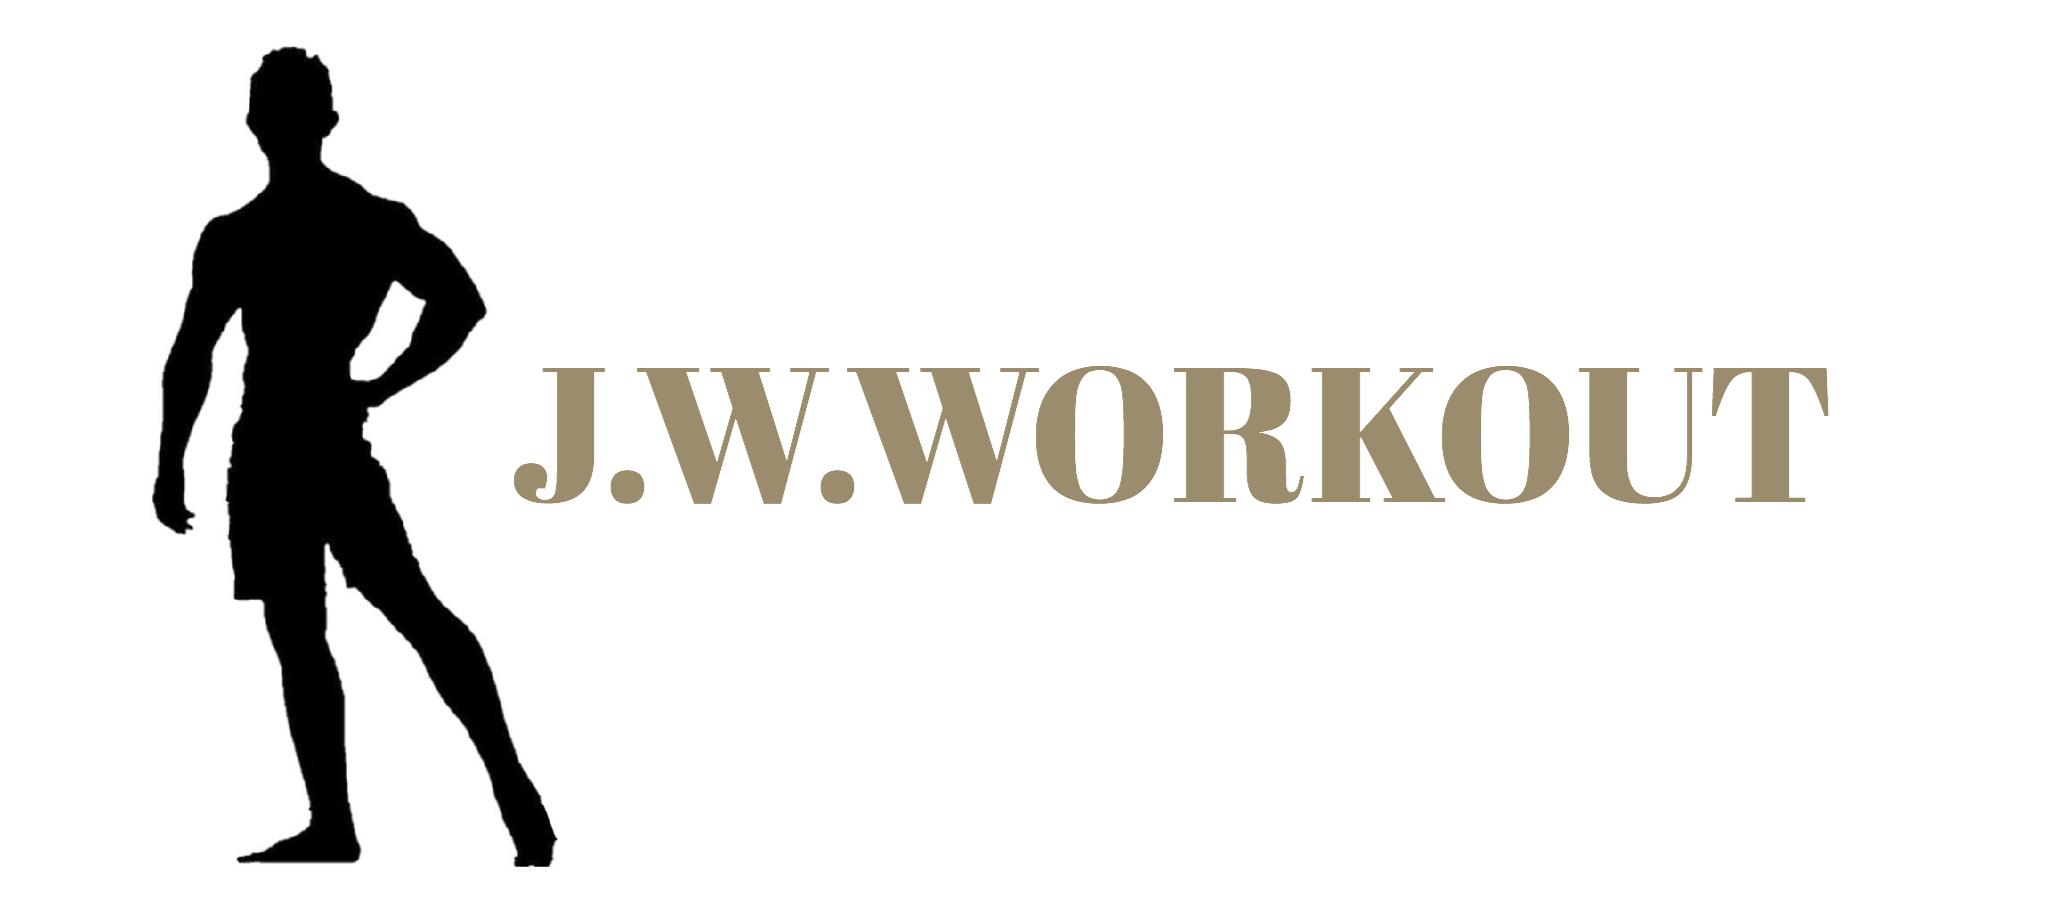 J.W.WORKOUT